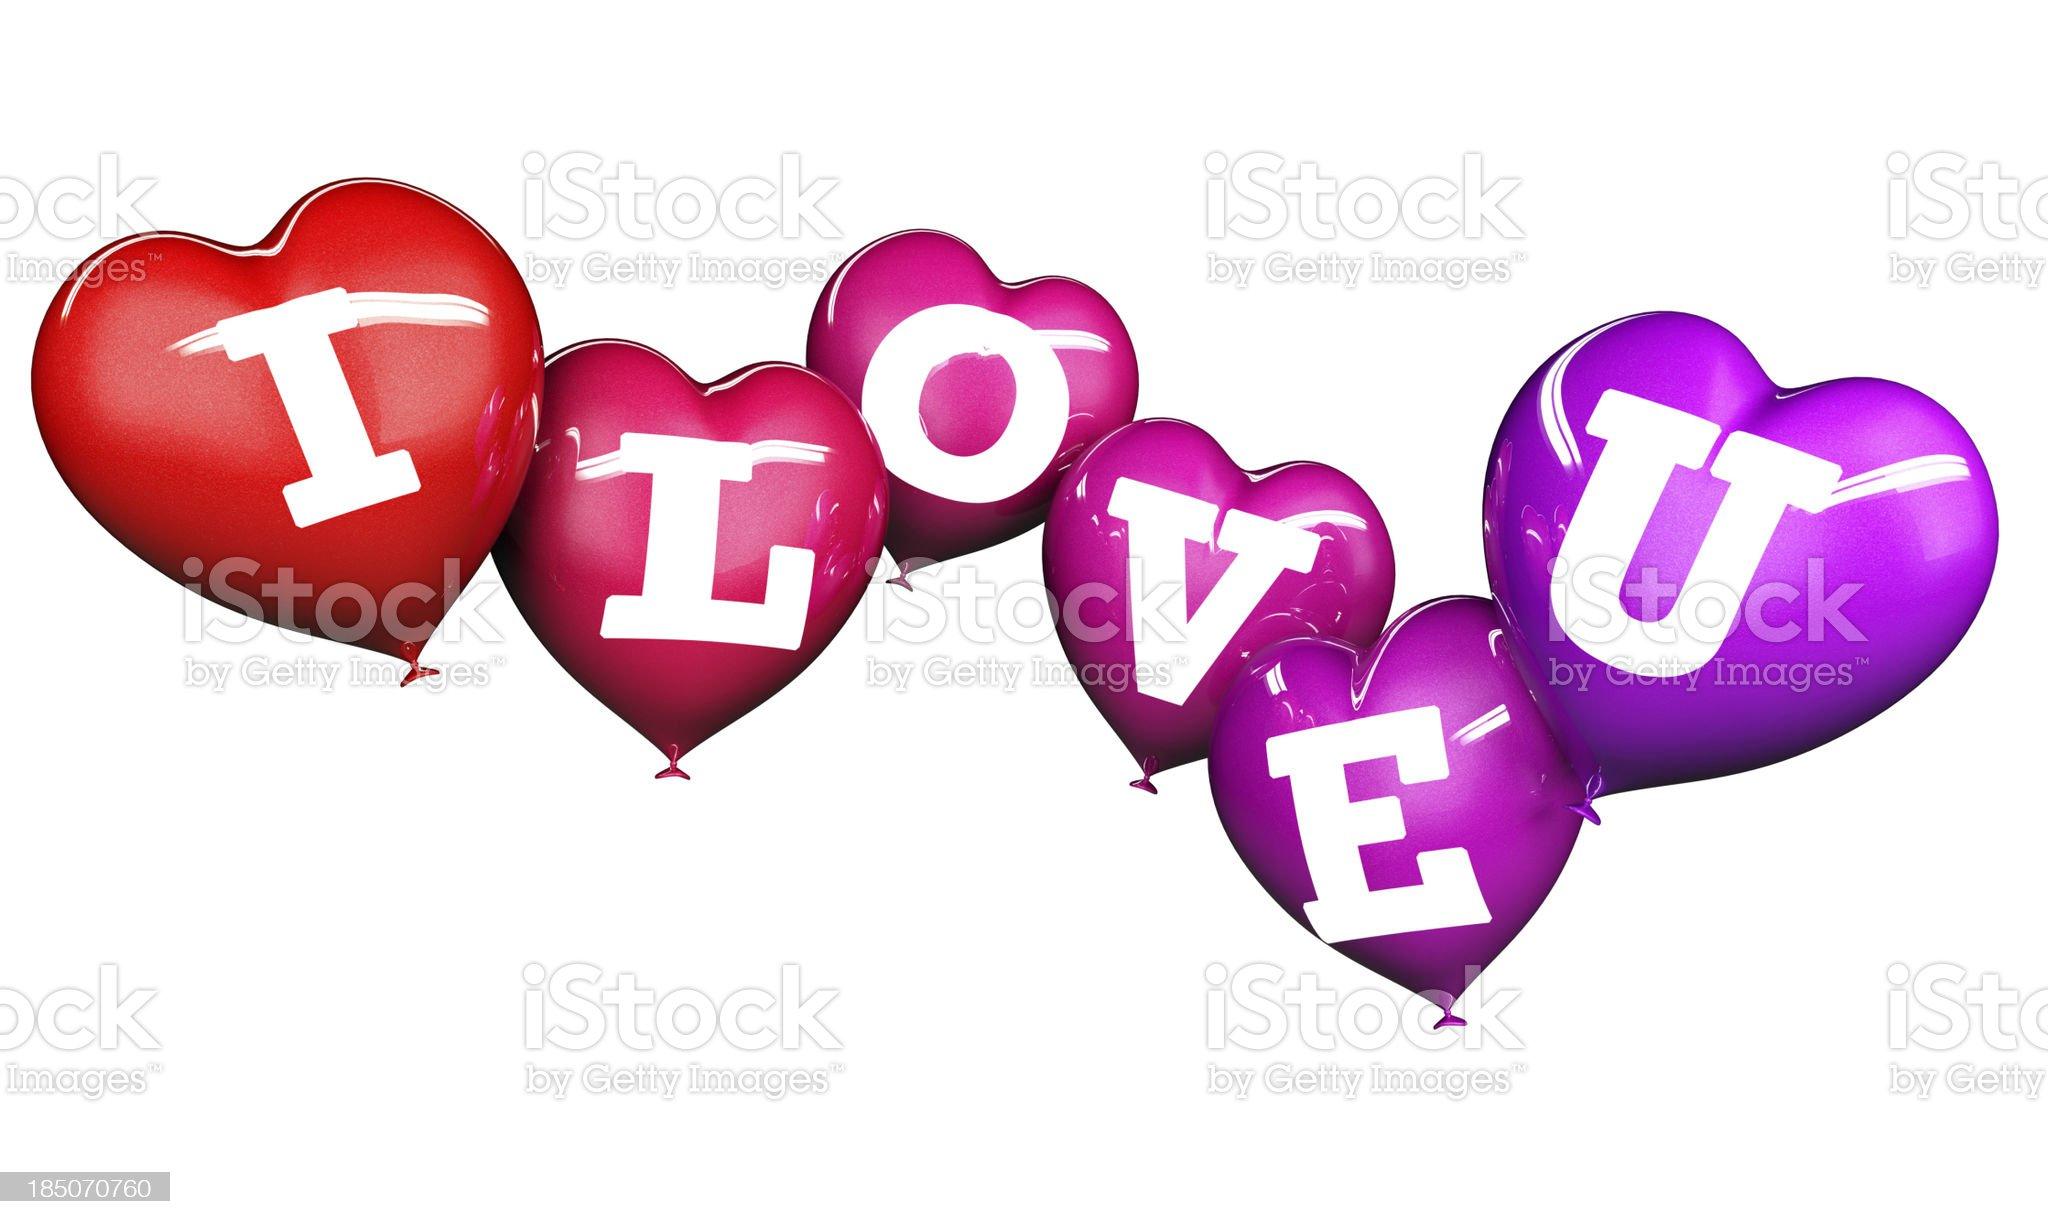 I Love U heart shaped balloons (XXL) royalty-free stock photo